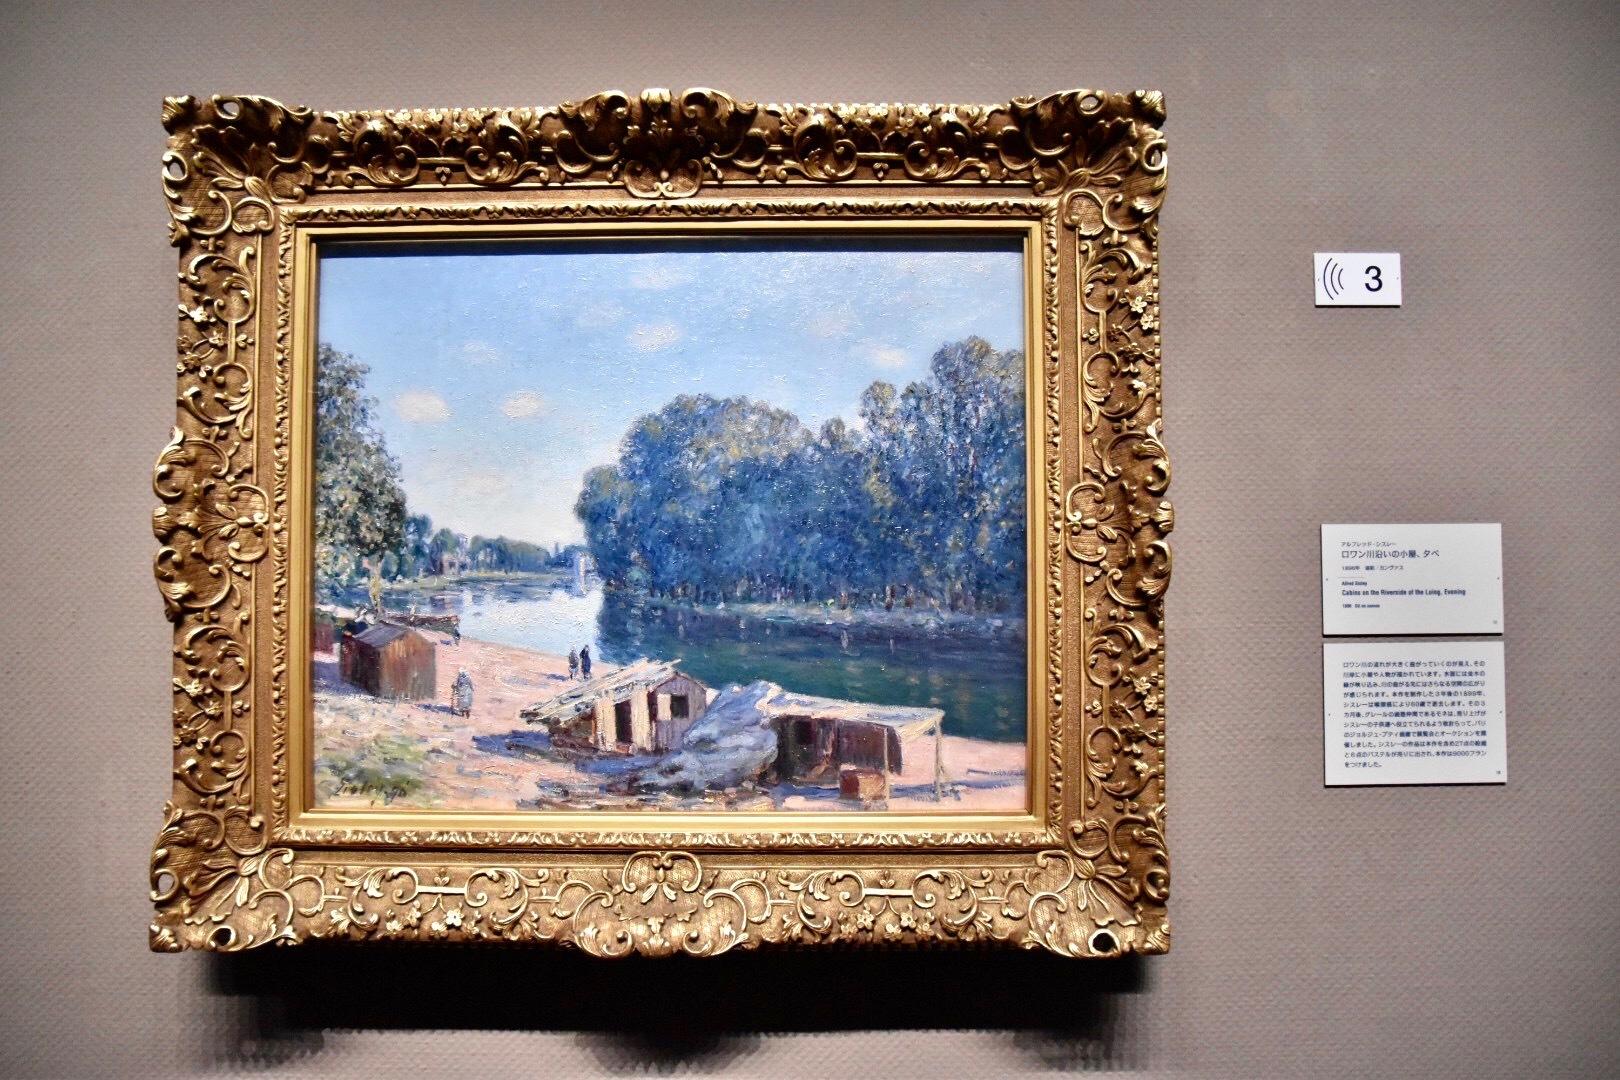 アルフレッド・シスレー 《ロワン川沿いの小屋、夕べ》 1896年 吉野石膏コレクション